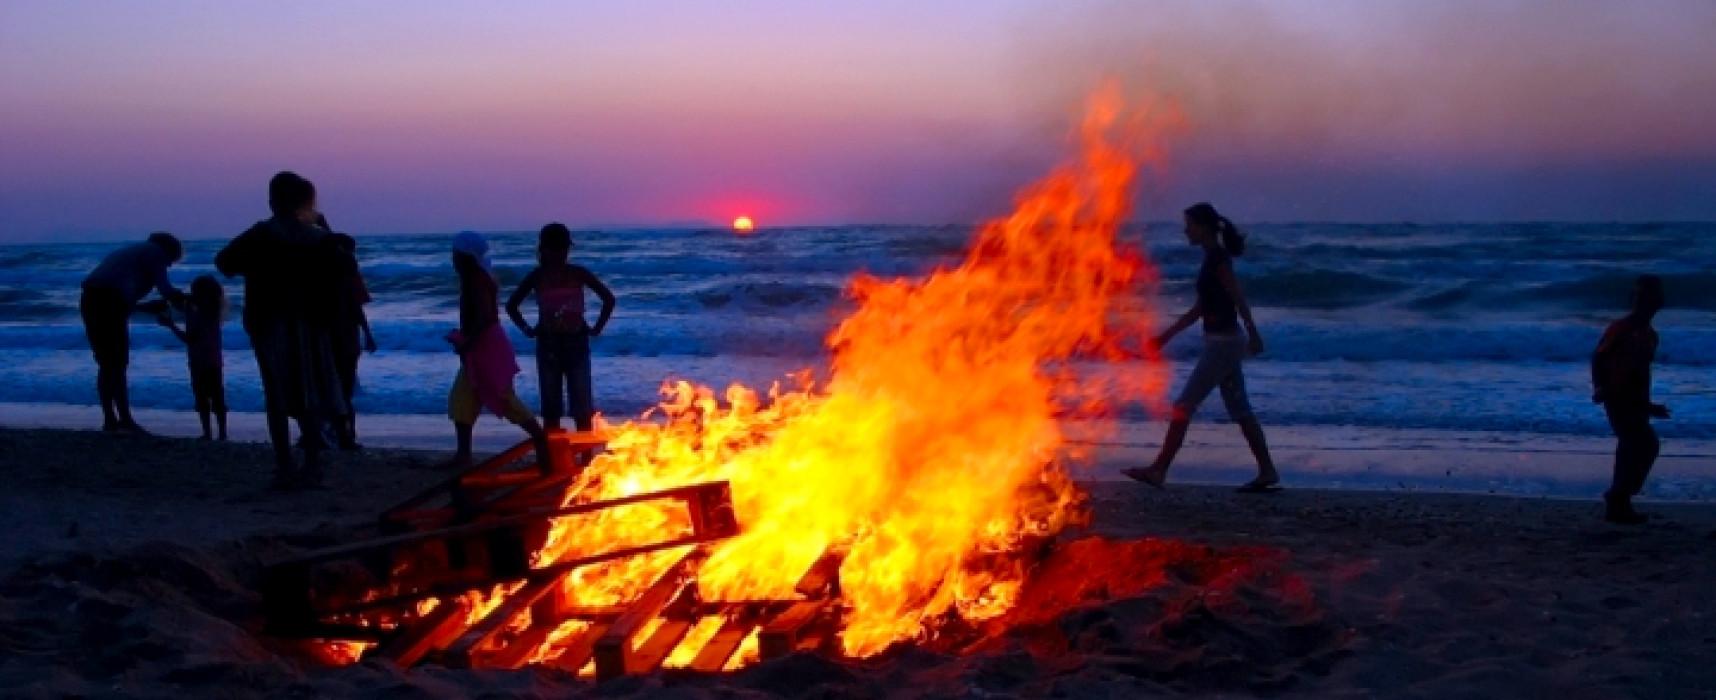 Fuego y Drogas en la Noche de San Juan